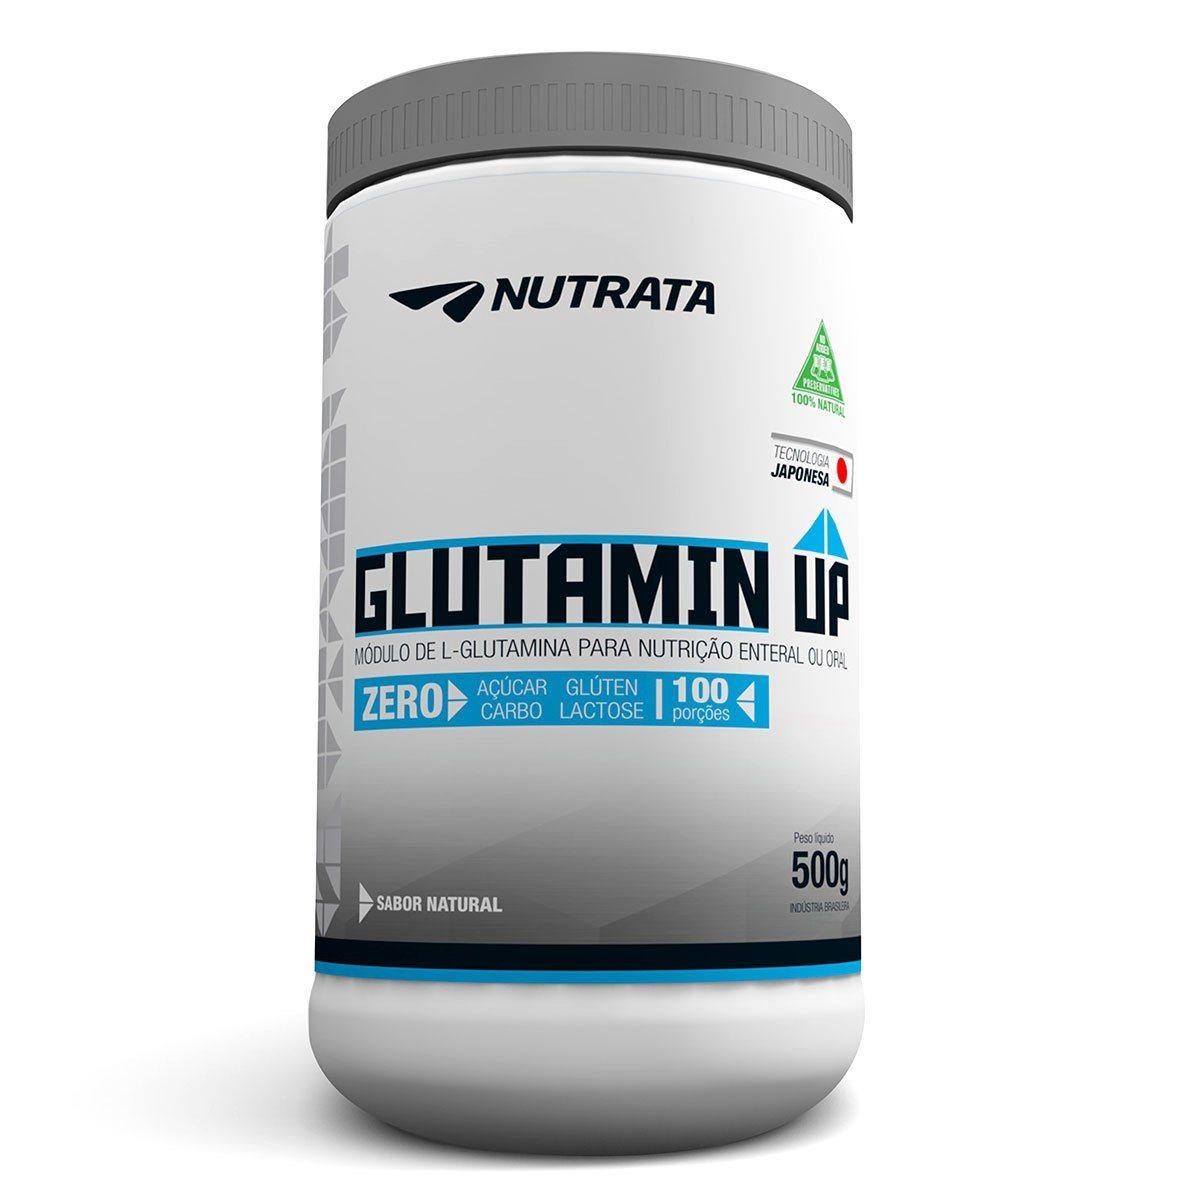 Glutamin Up (500g)